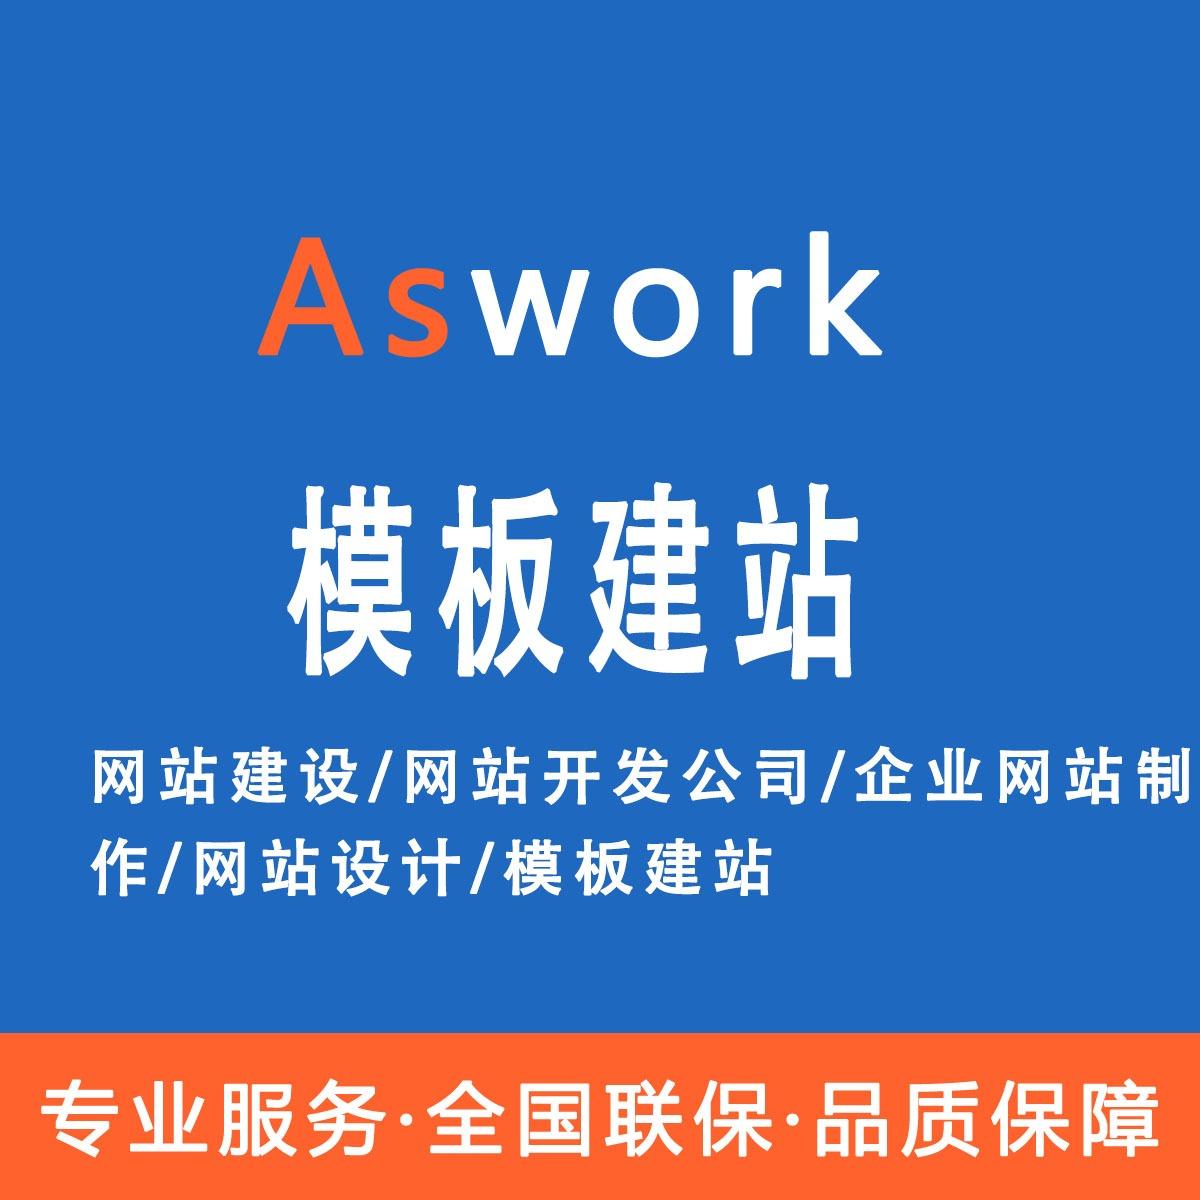 网站建设/网站开发公司/企业网站制作/网站设计/模板建站